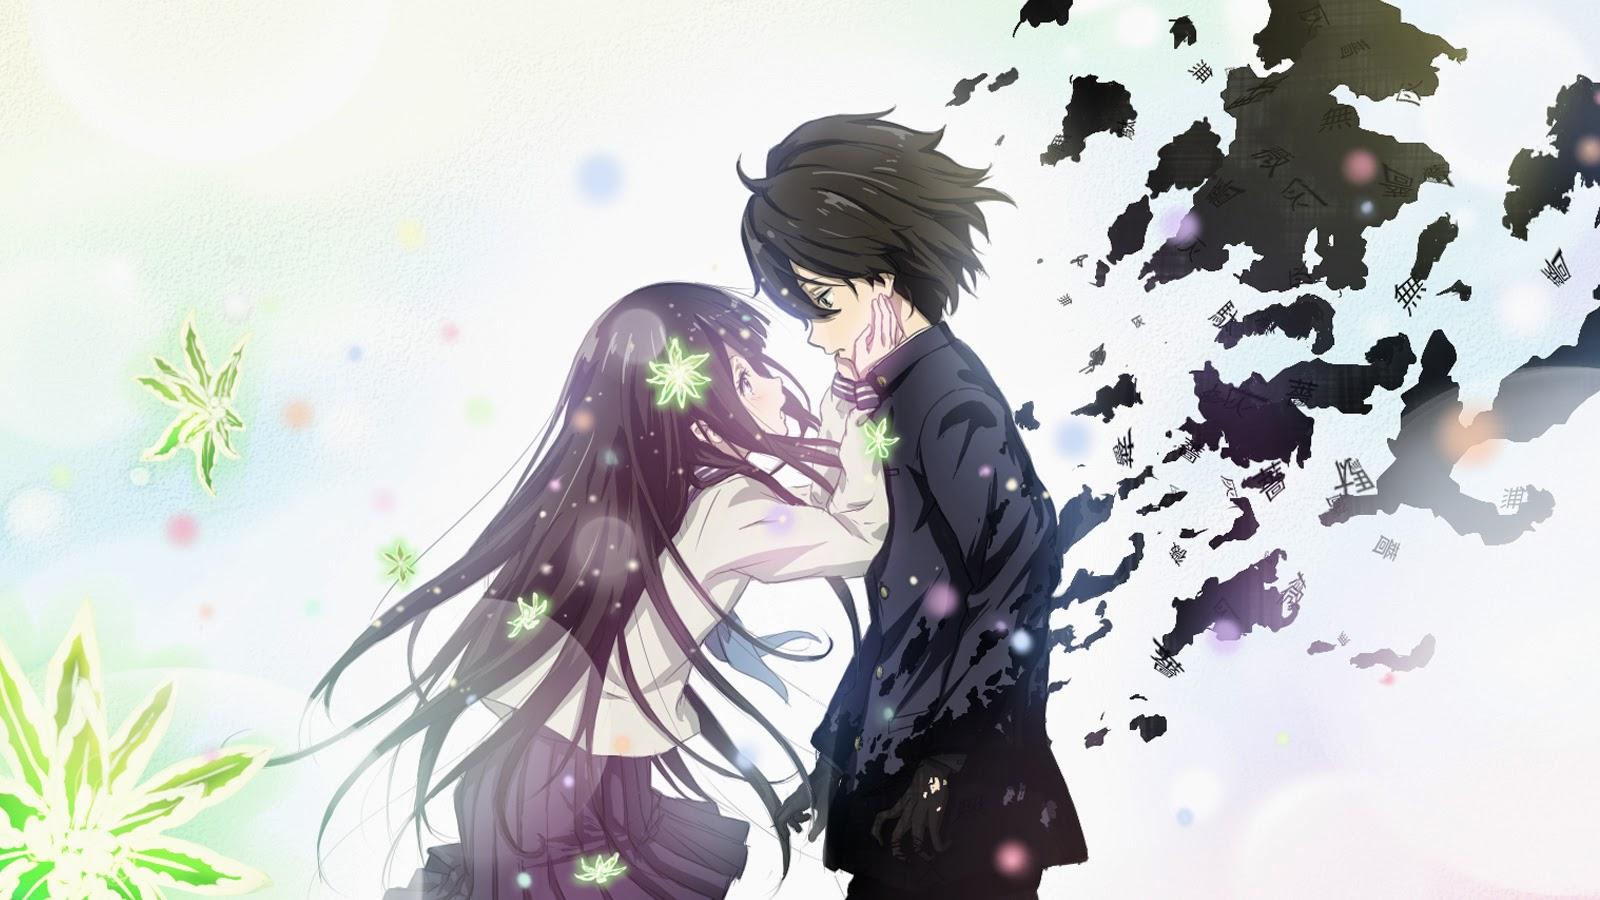 Gambar Kartun Anime Paling Romantis  Bestkartun